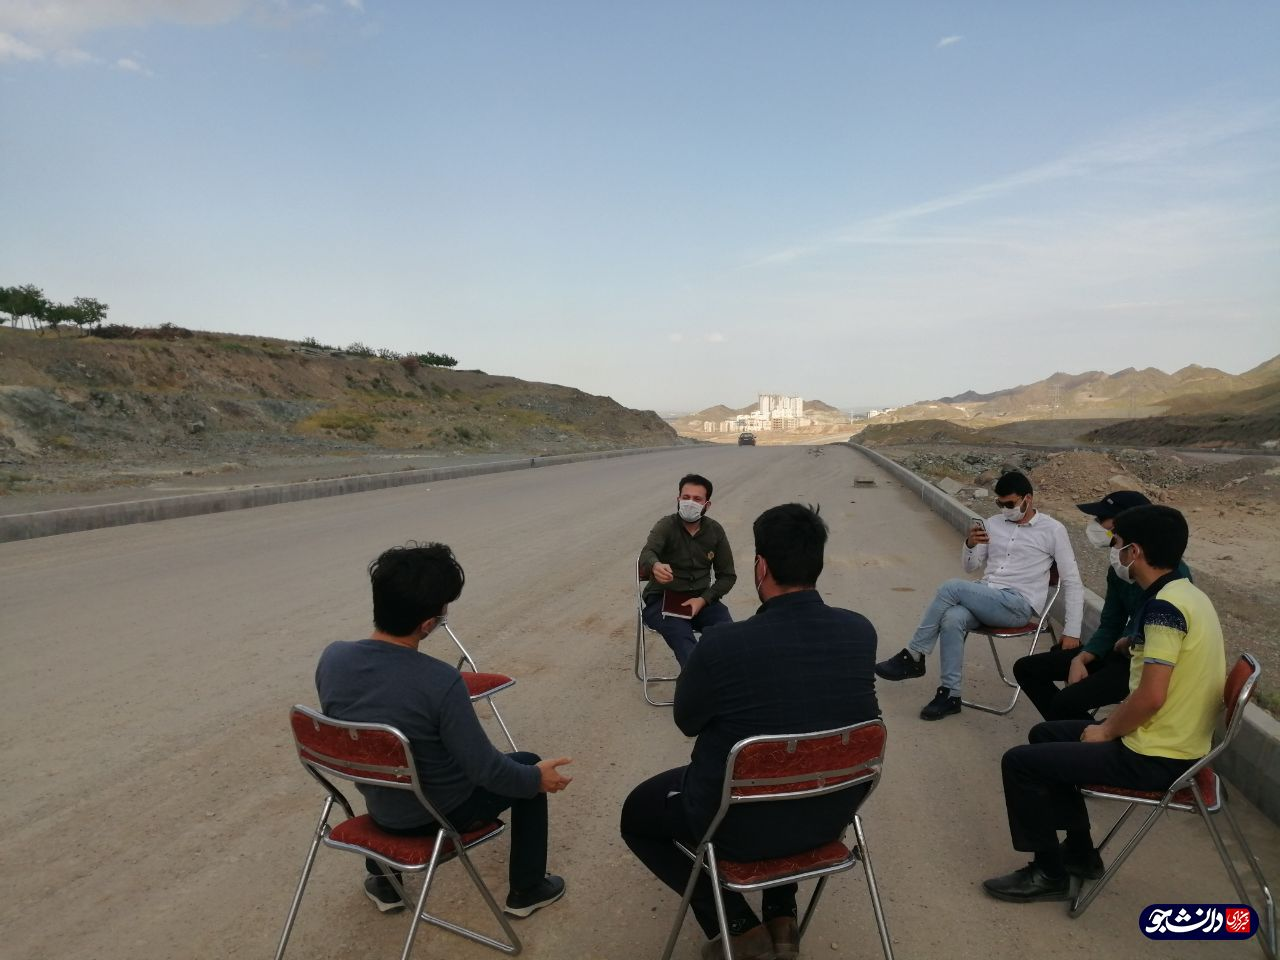 تیتر فردا آماده////// پرونده هایی که دانشجویان پیگیری می کنند / از ارتفاعات جنوبی مشهد تا معدن ساری گونی کردستان